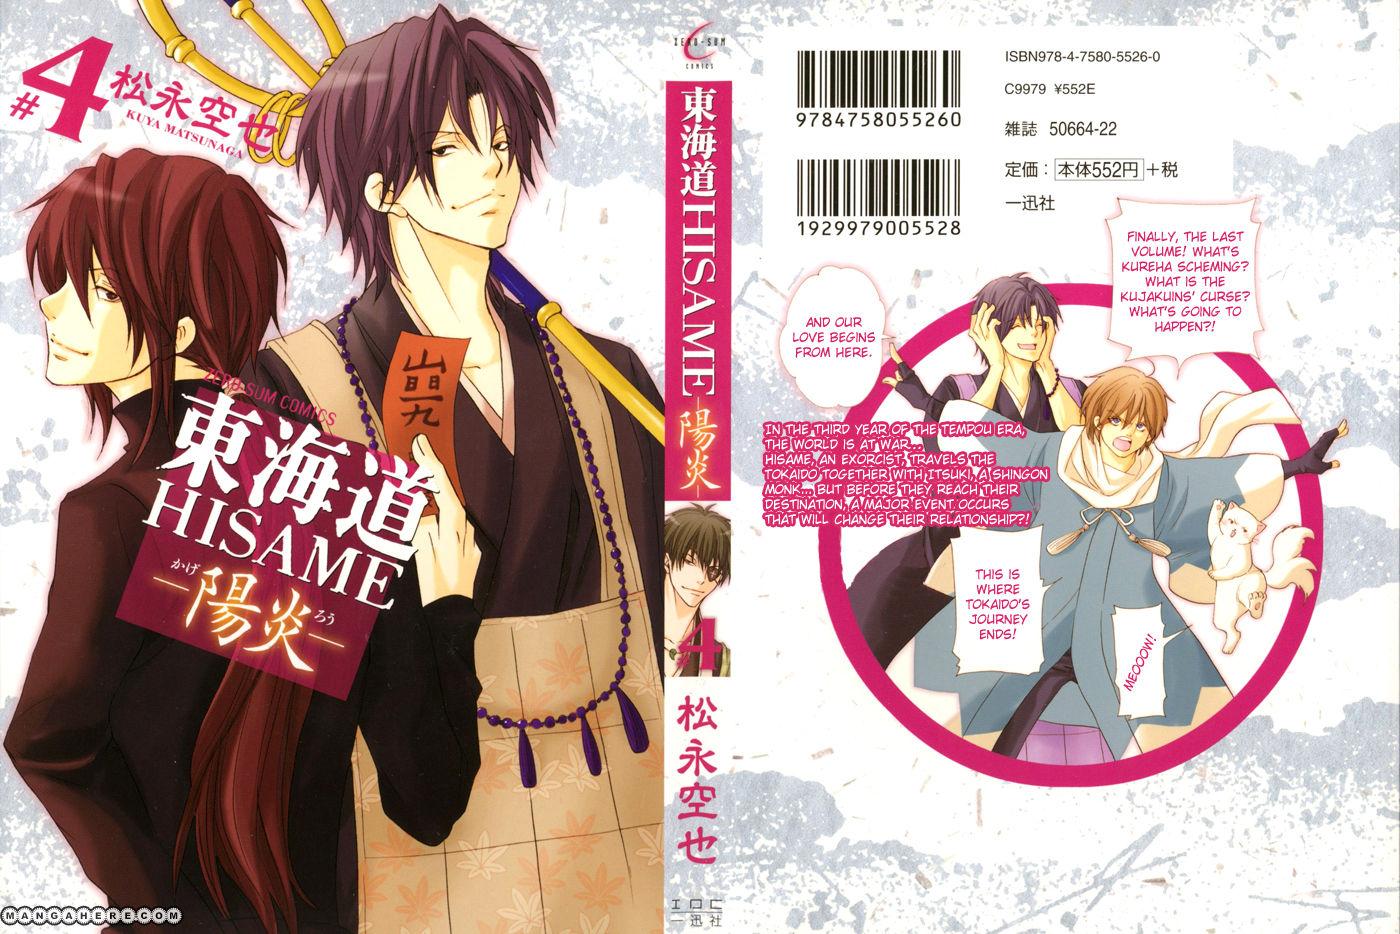 Toukaidou Hisame - Kagerou 16 Page 1